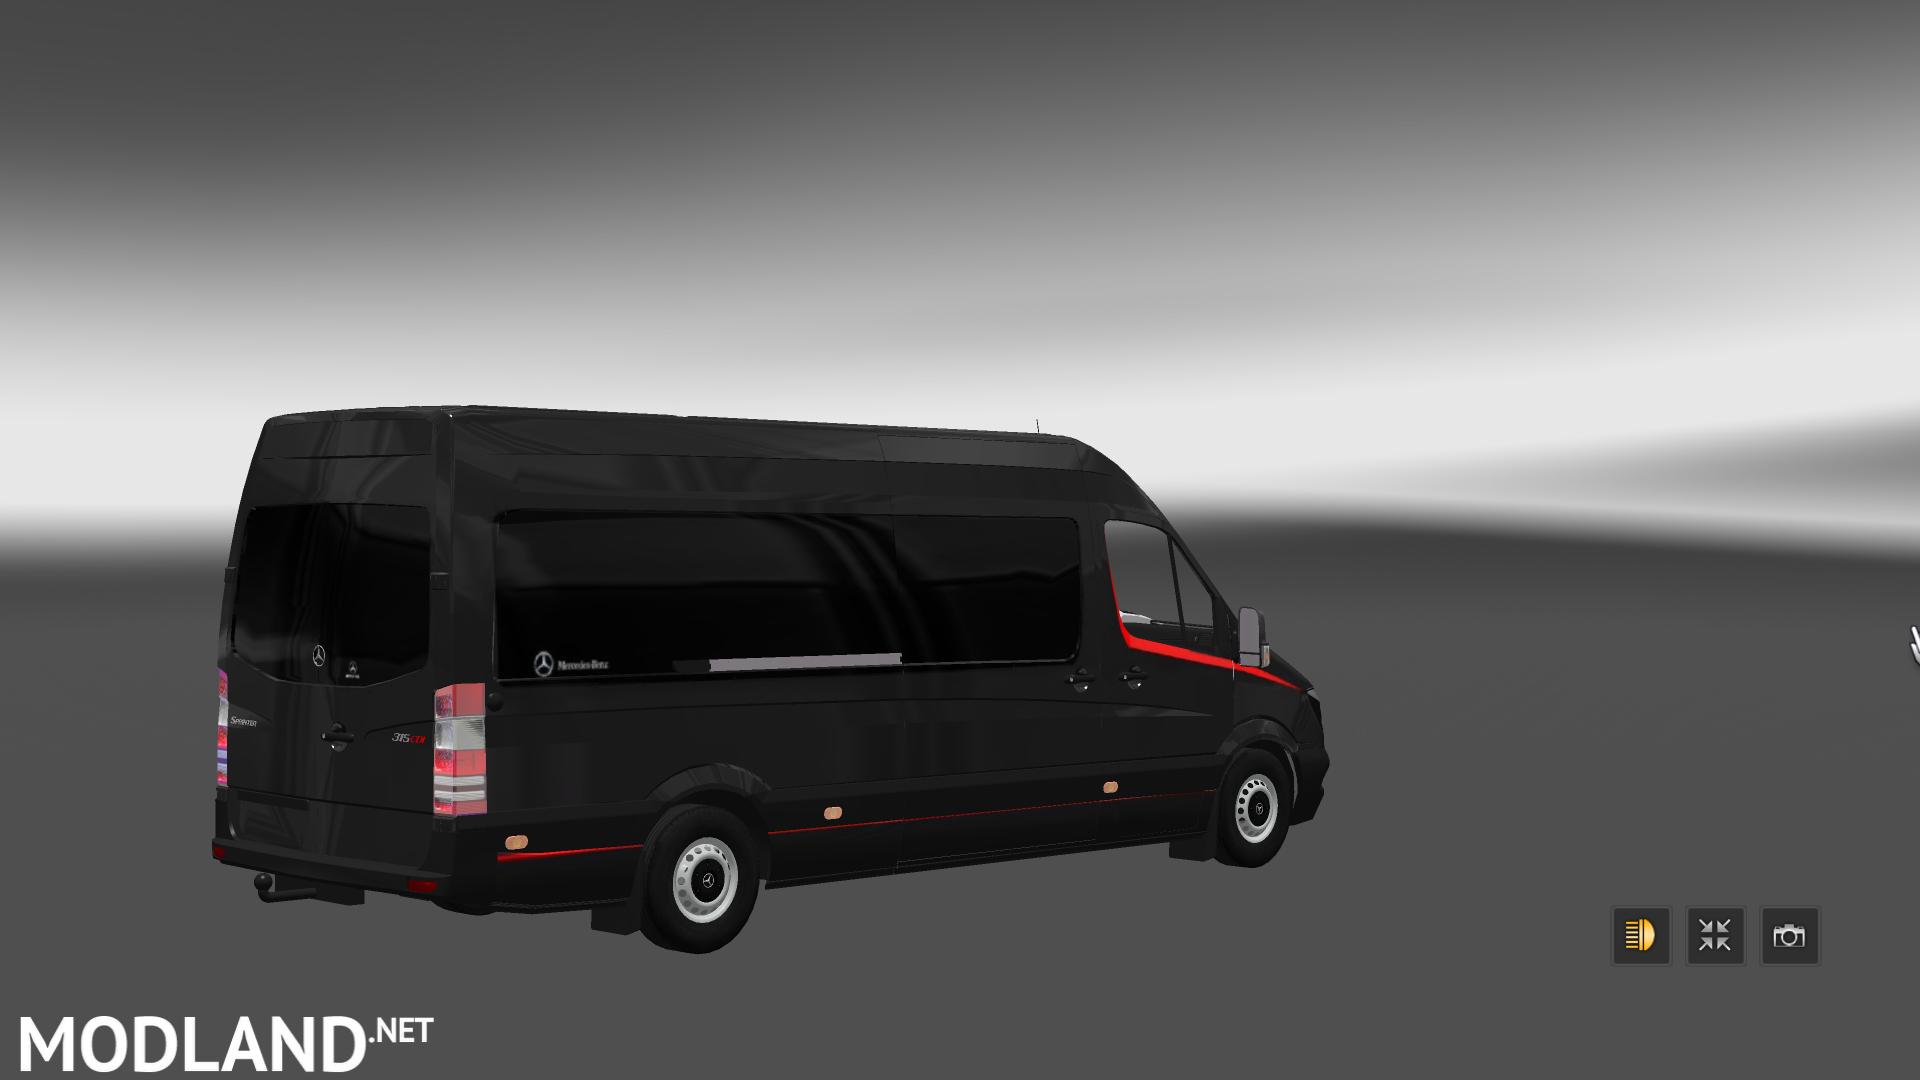 Mercedes Sprinter Long 2014 Minibus Skin Pack V 1 1 Mod For